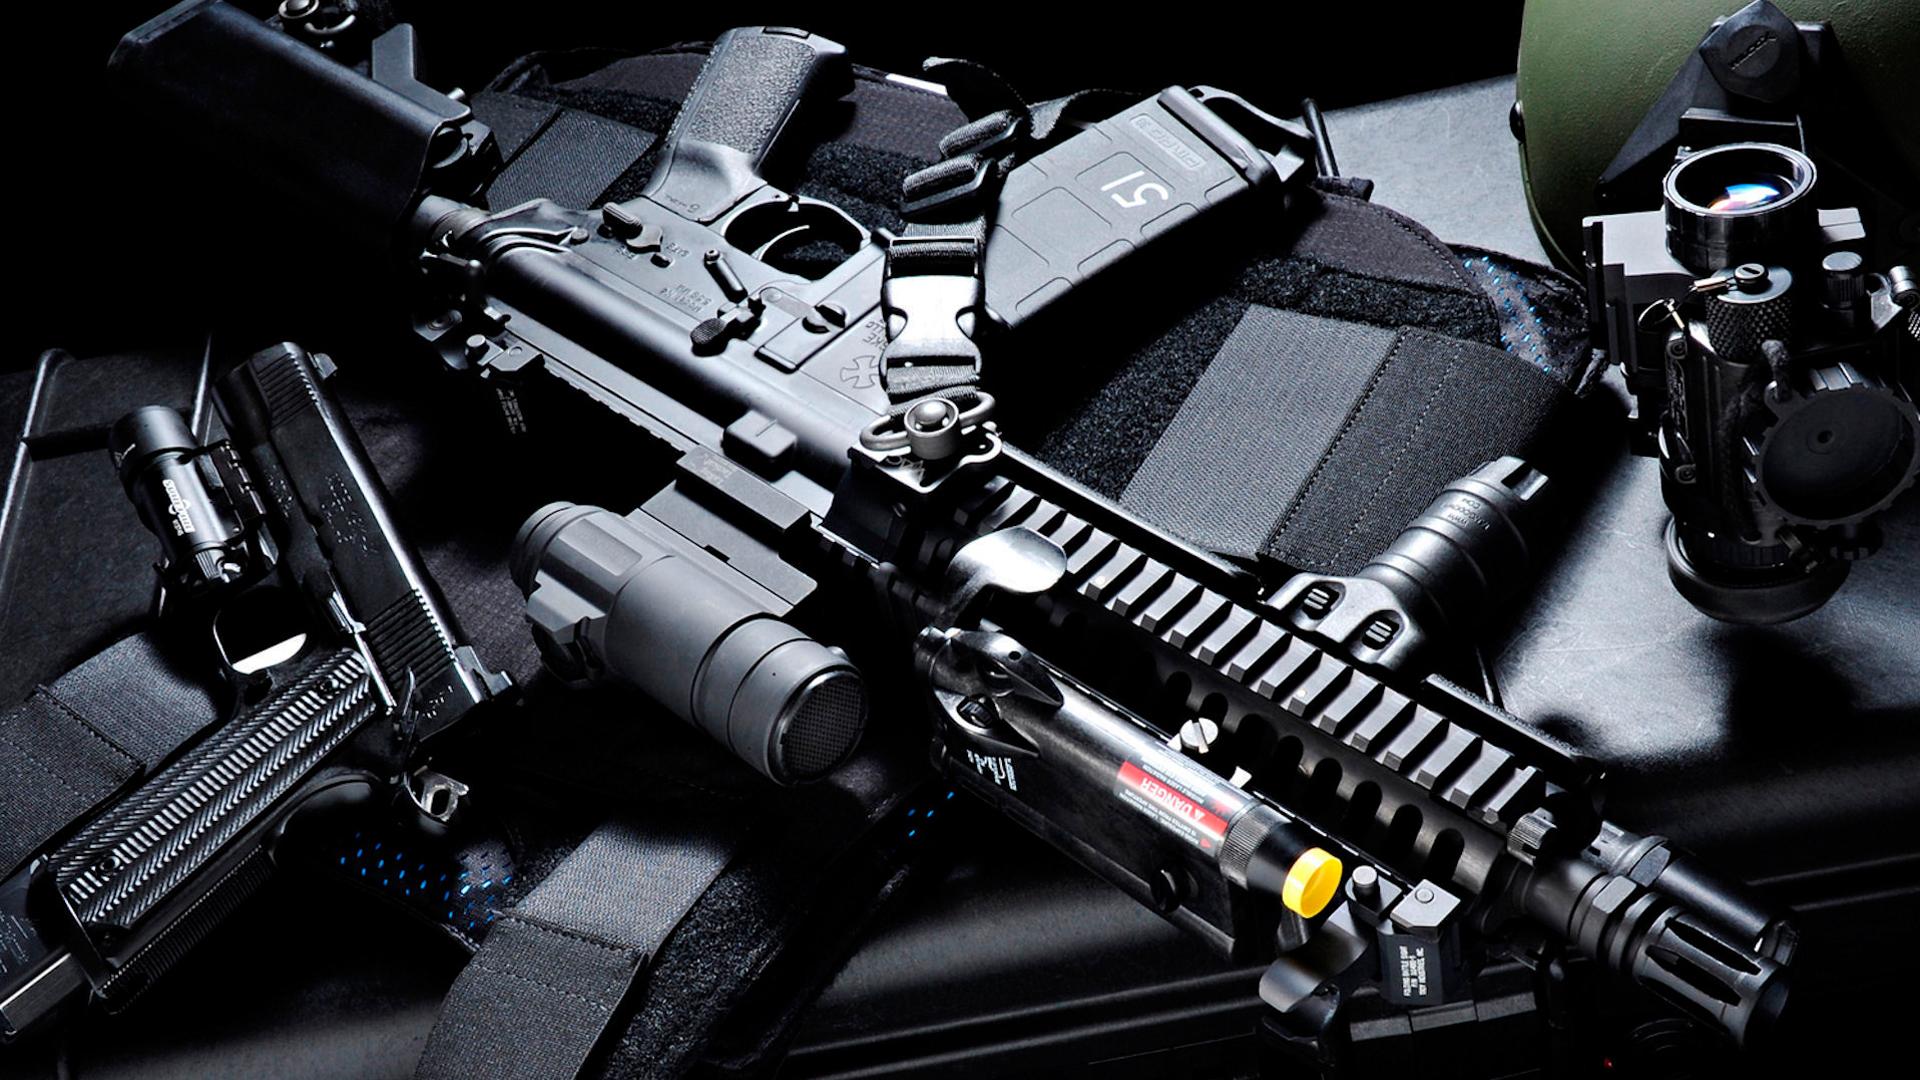 Sniper Wallpaper 1920x1080 45469